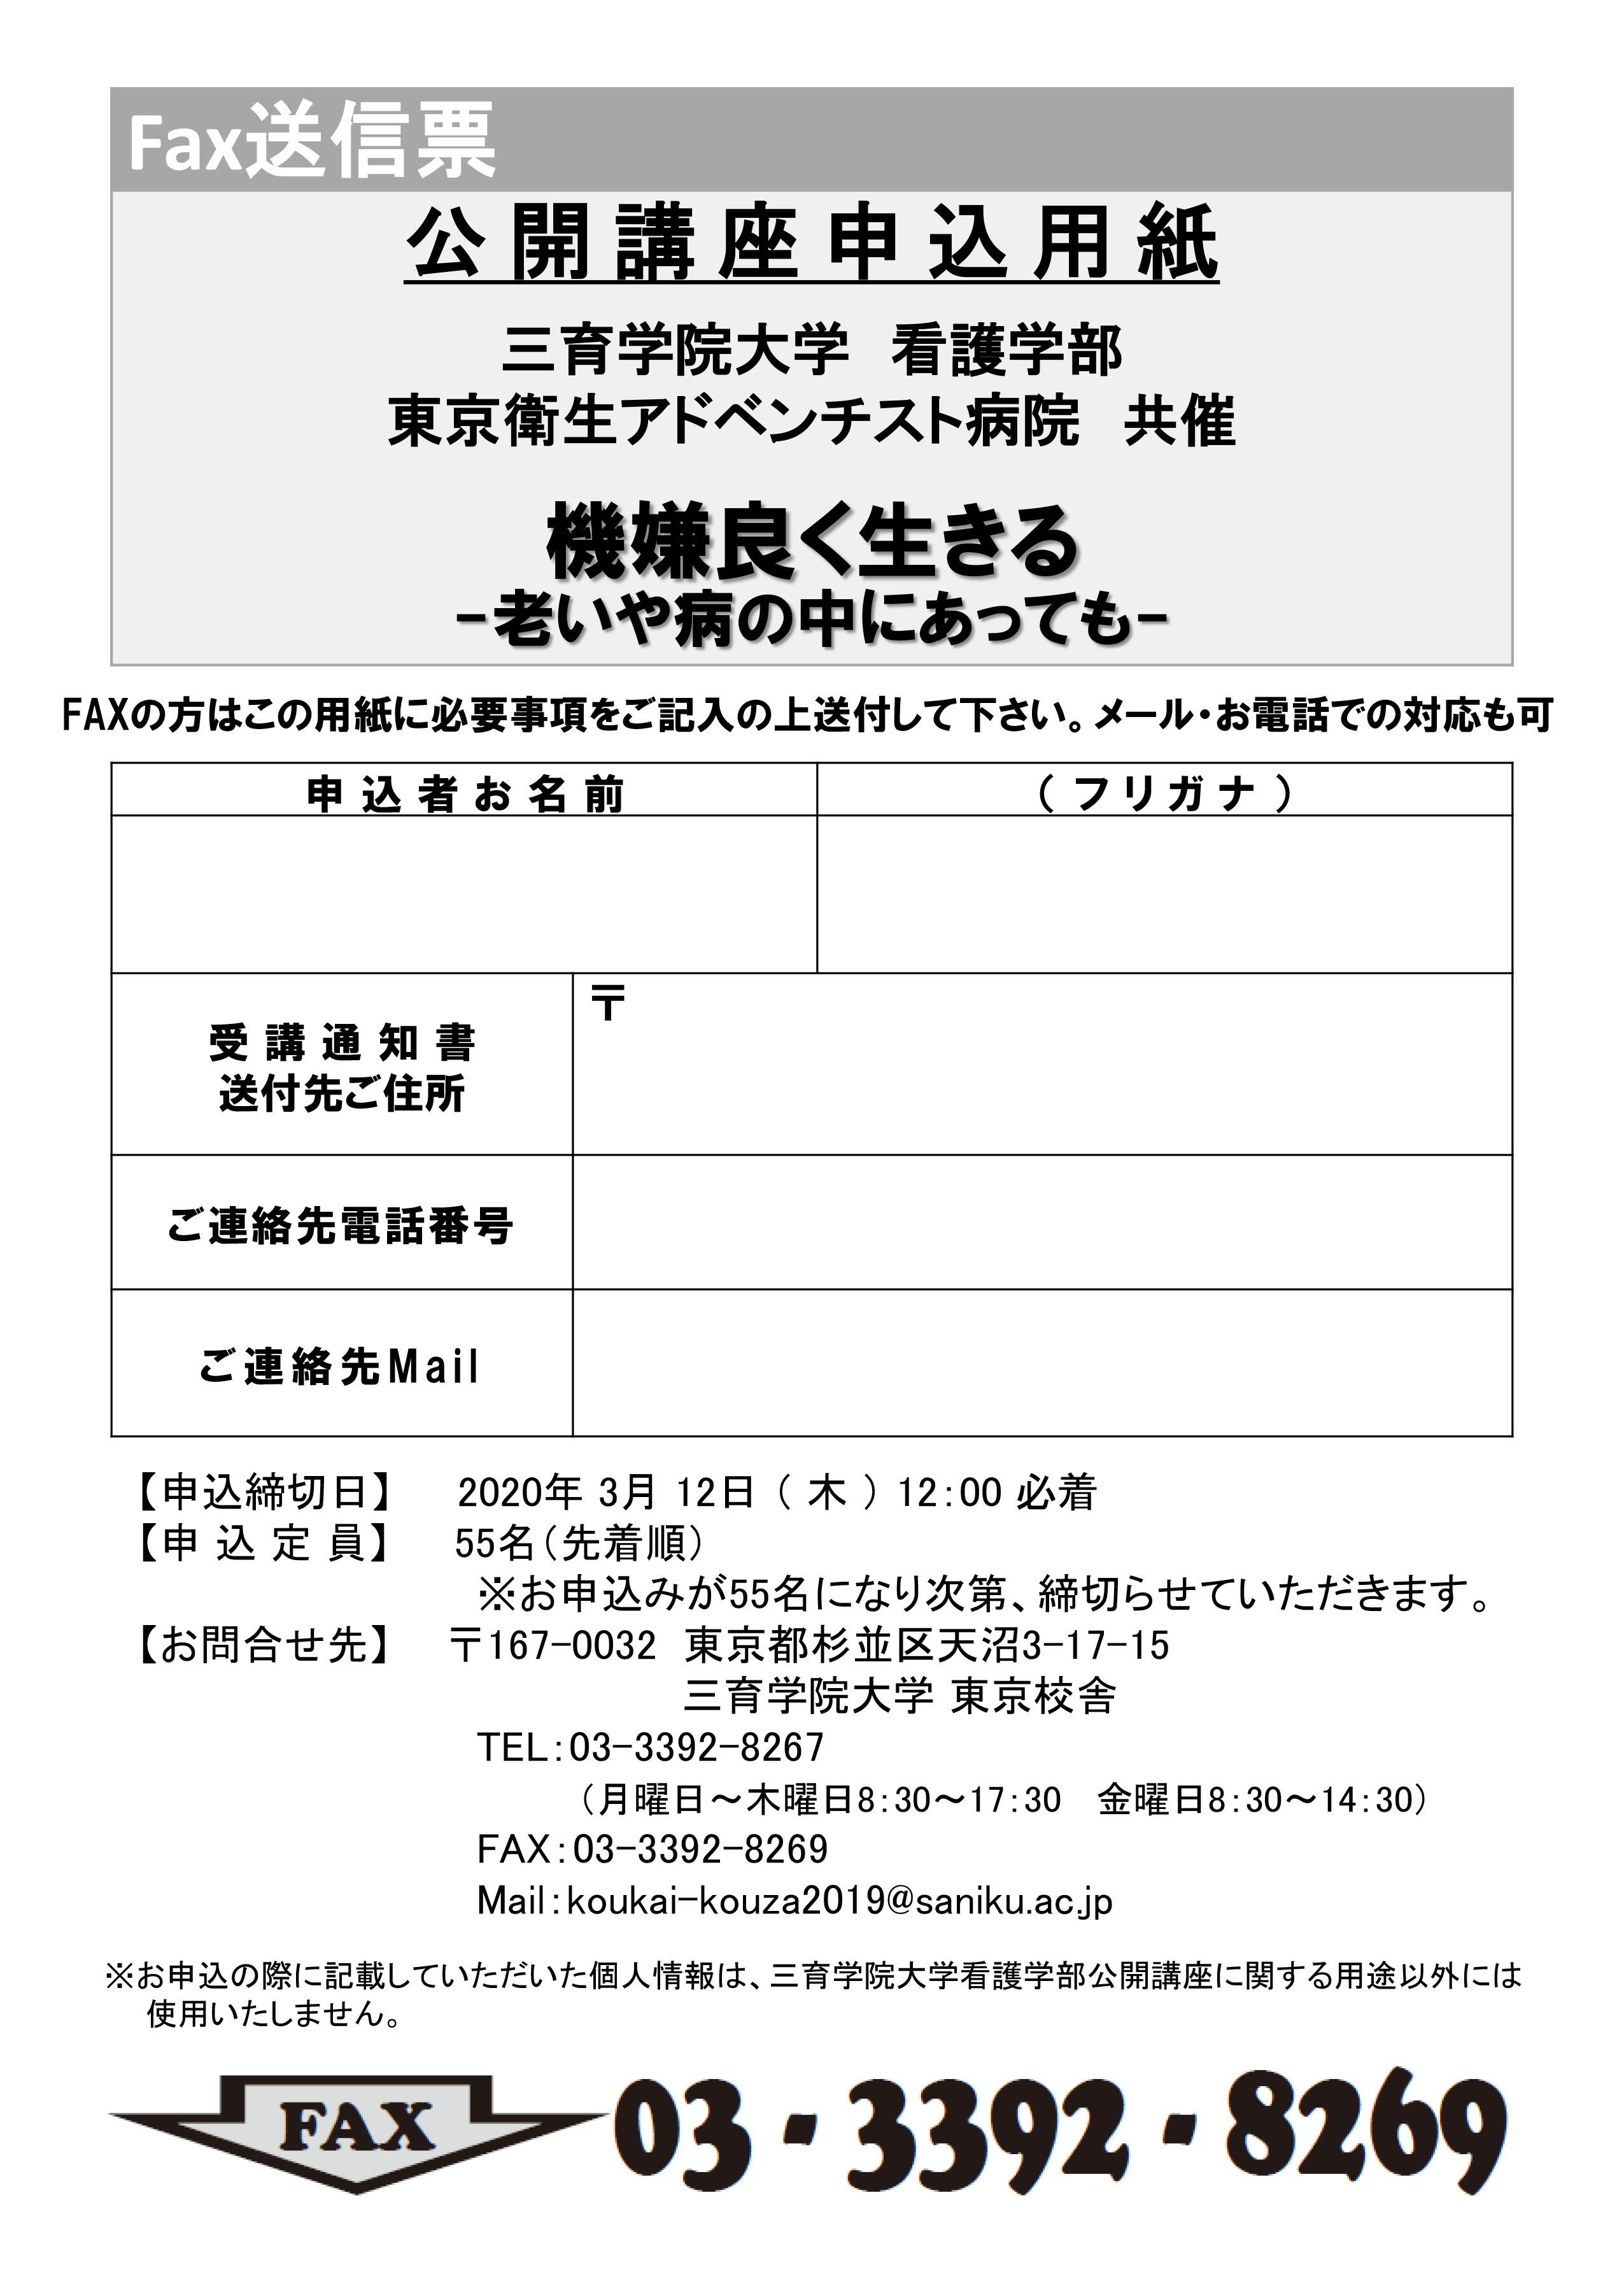 公開講座申込用紙